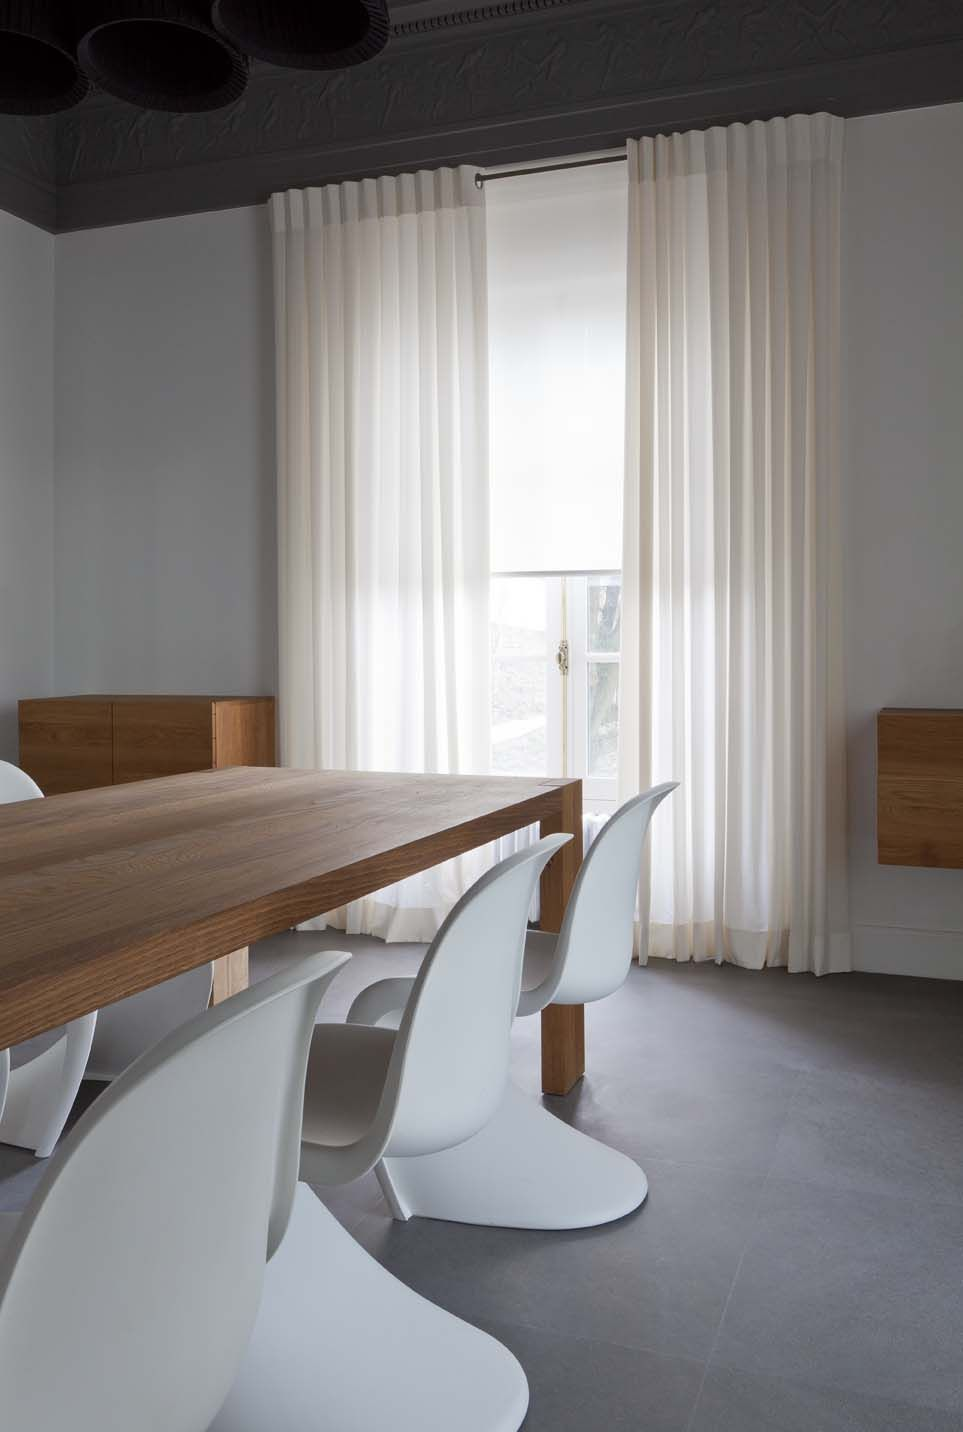 Bisson Bruneel bisson bruneel   côté tissus d'ameublement   pinterest   windows